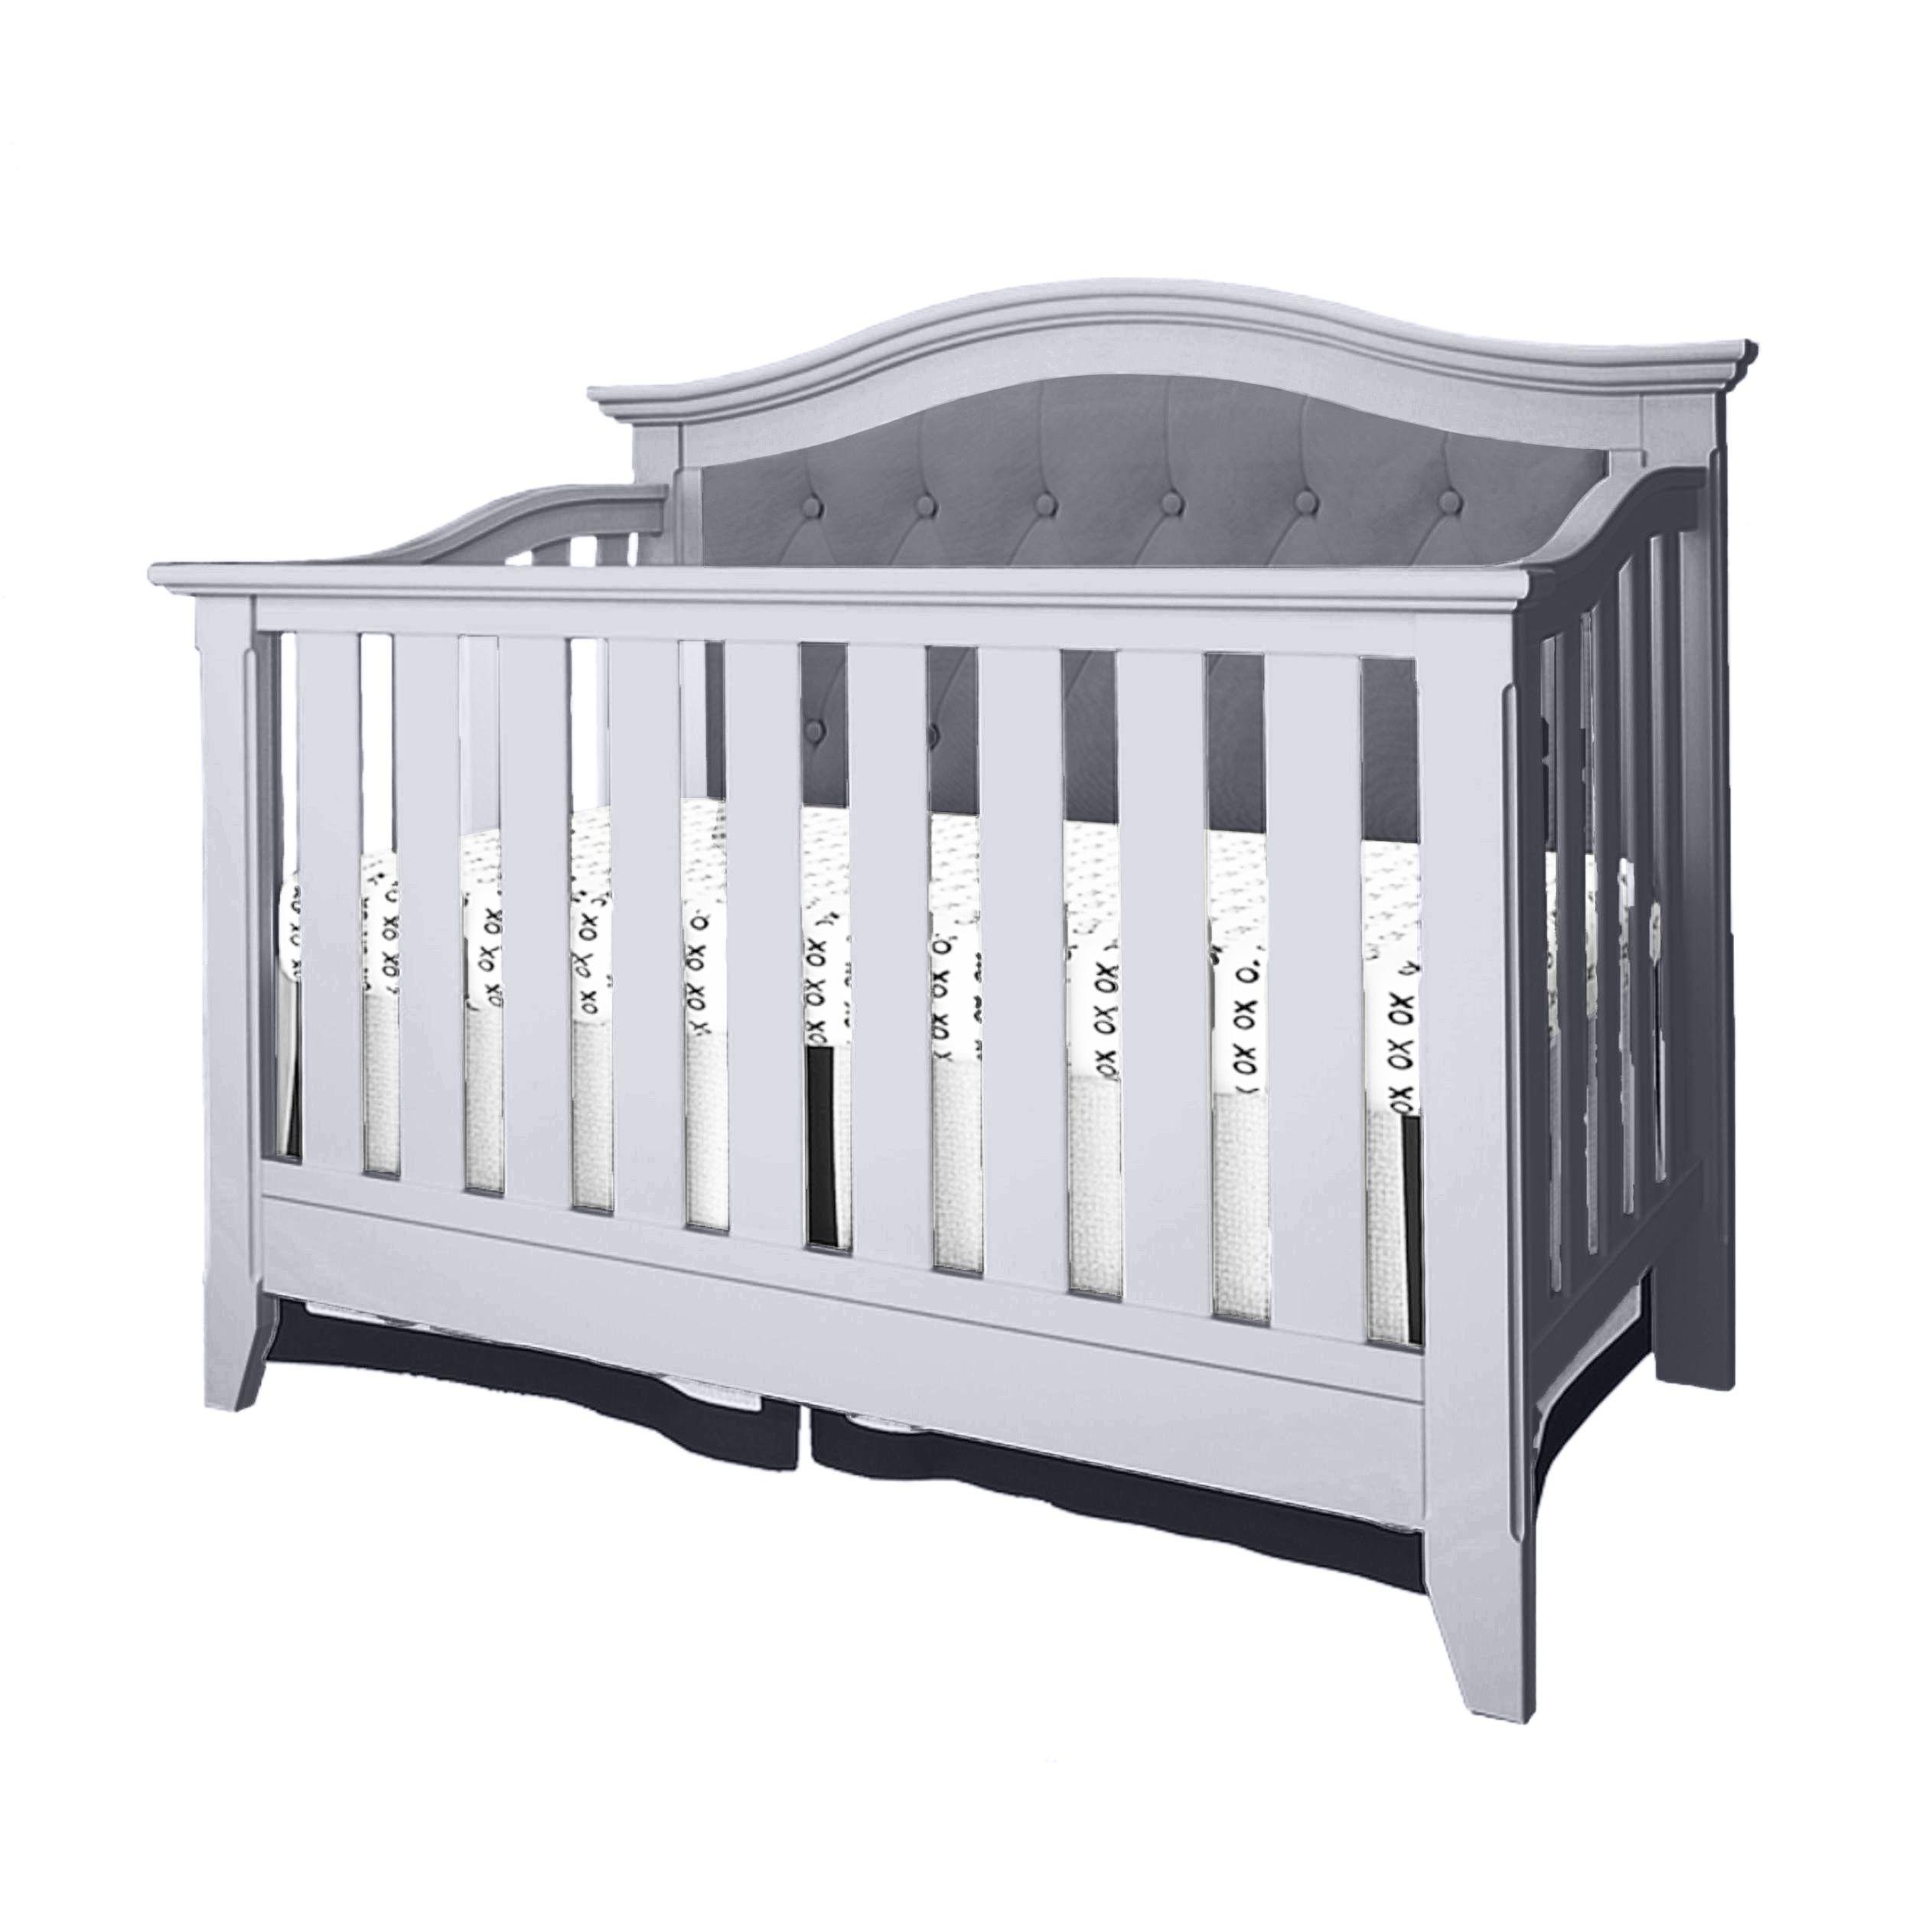 Belle Isle Furniture AAK14-0N03 Classic little ones nursery clean-lined crib, White & Dark Grey